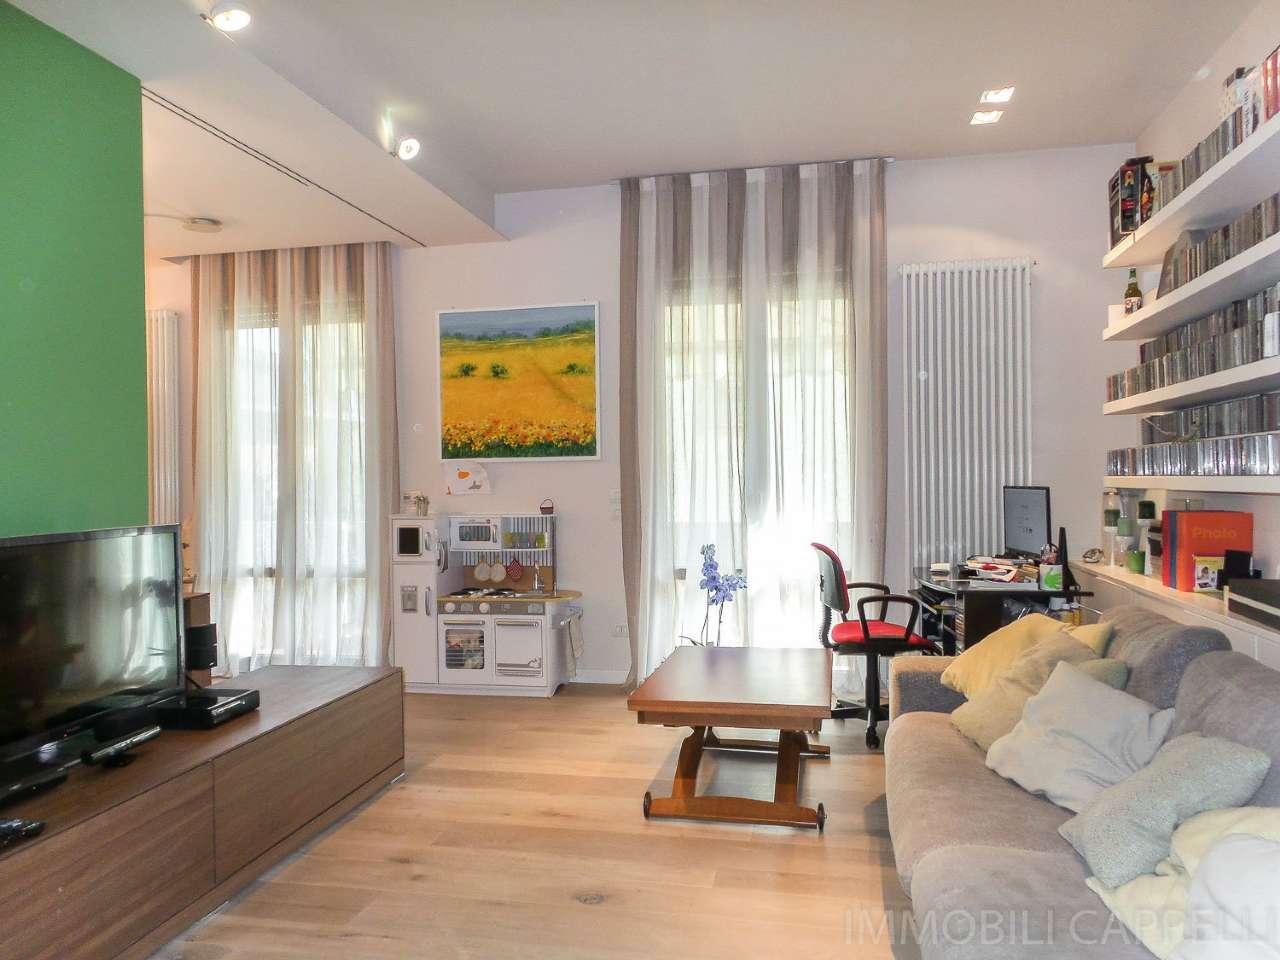 Appartamento in vendita a Forlimpopoli, 6 locali, prezzo € 230.000 | CambioCasa.it